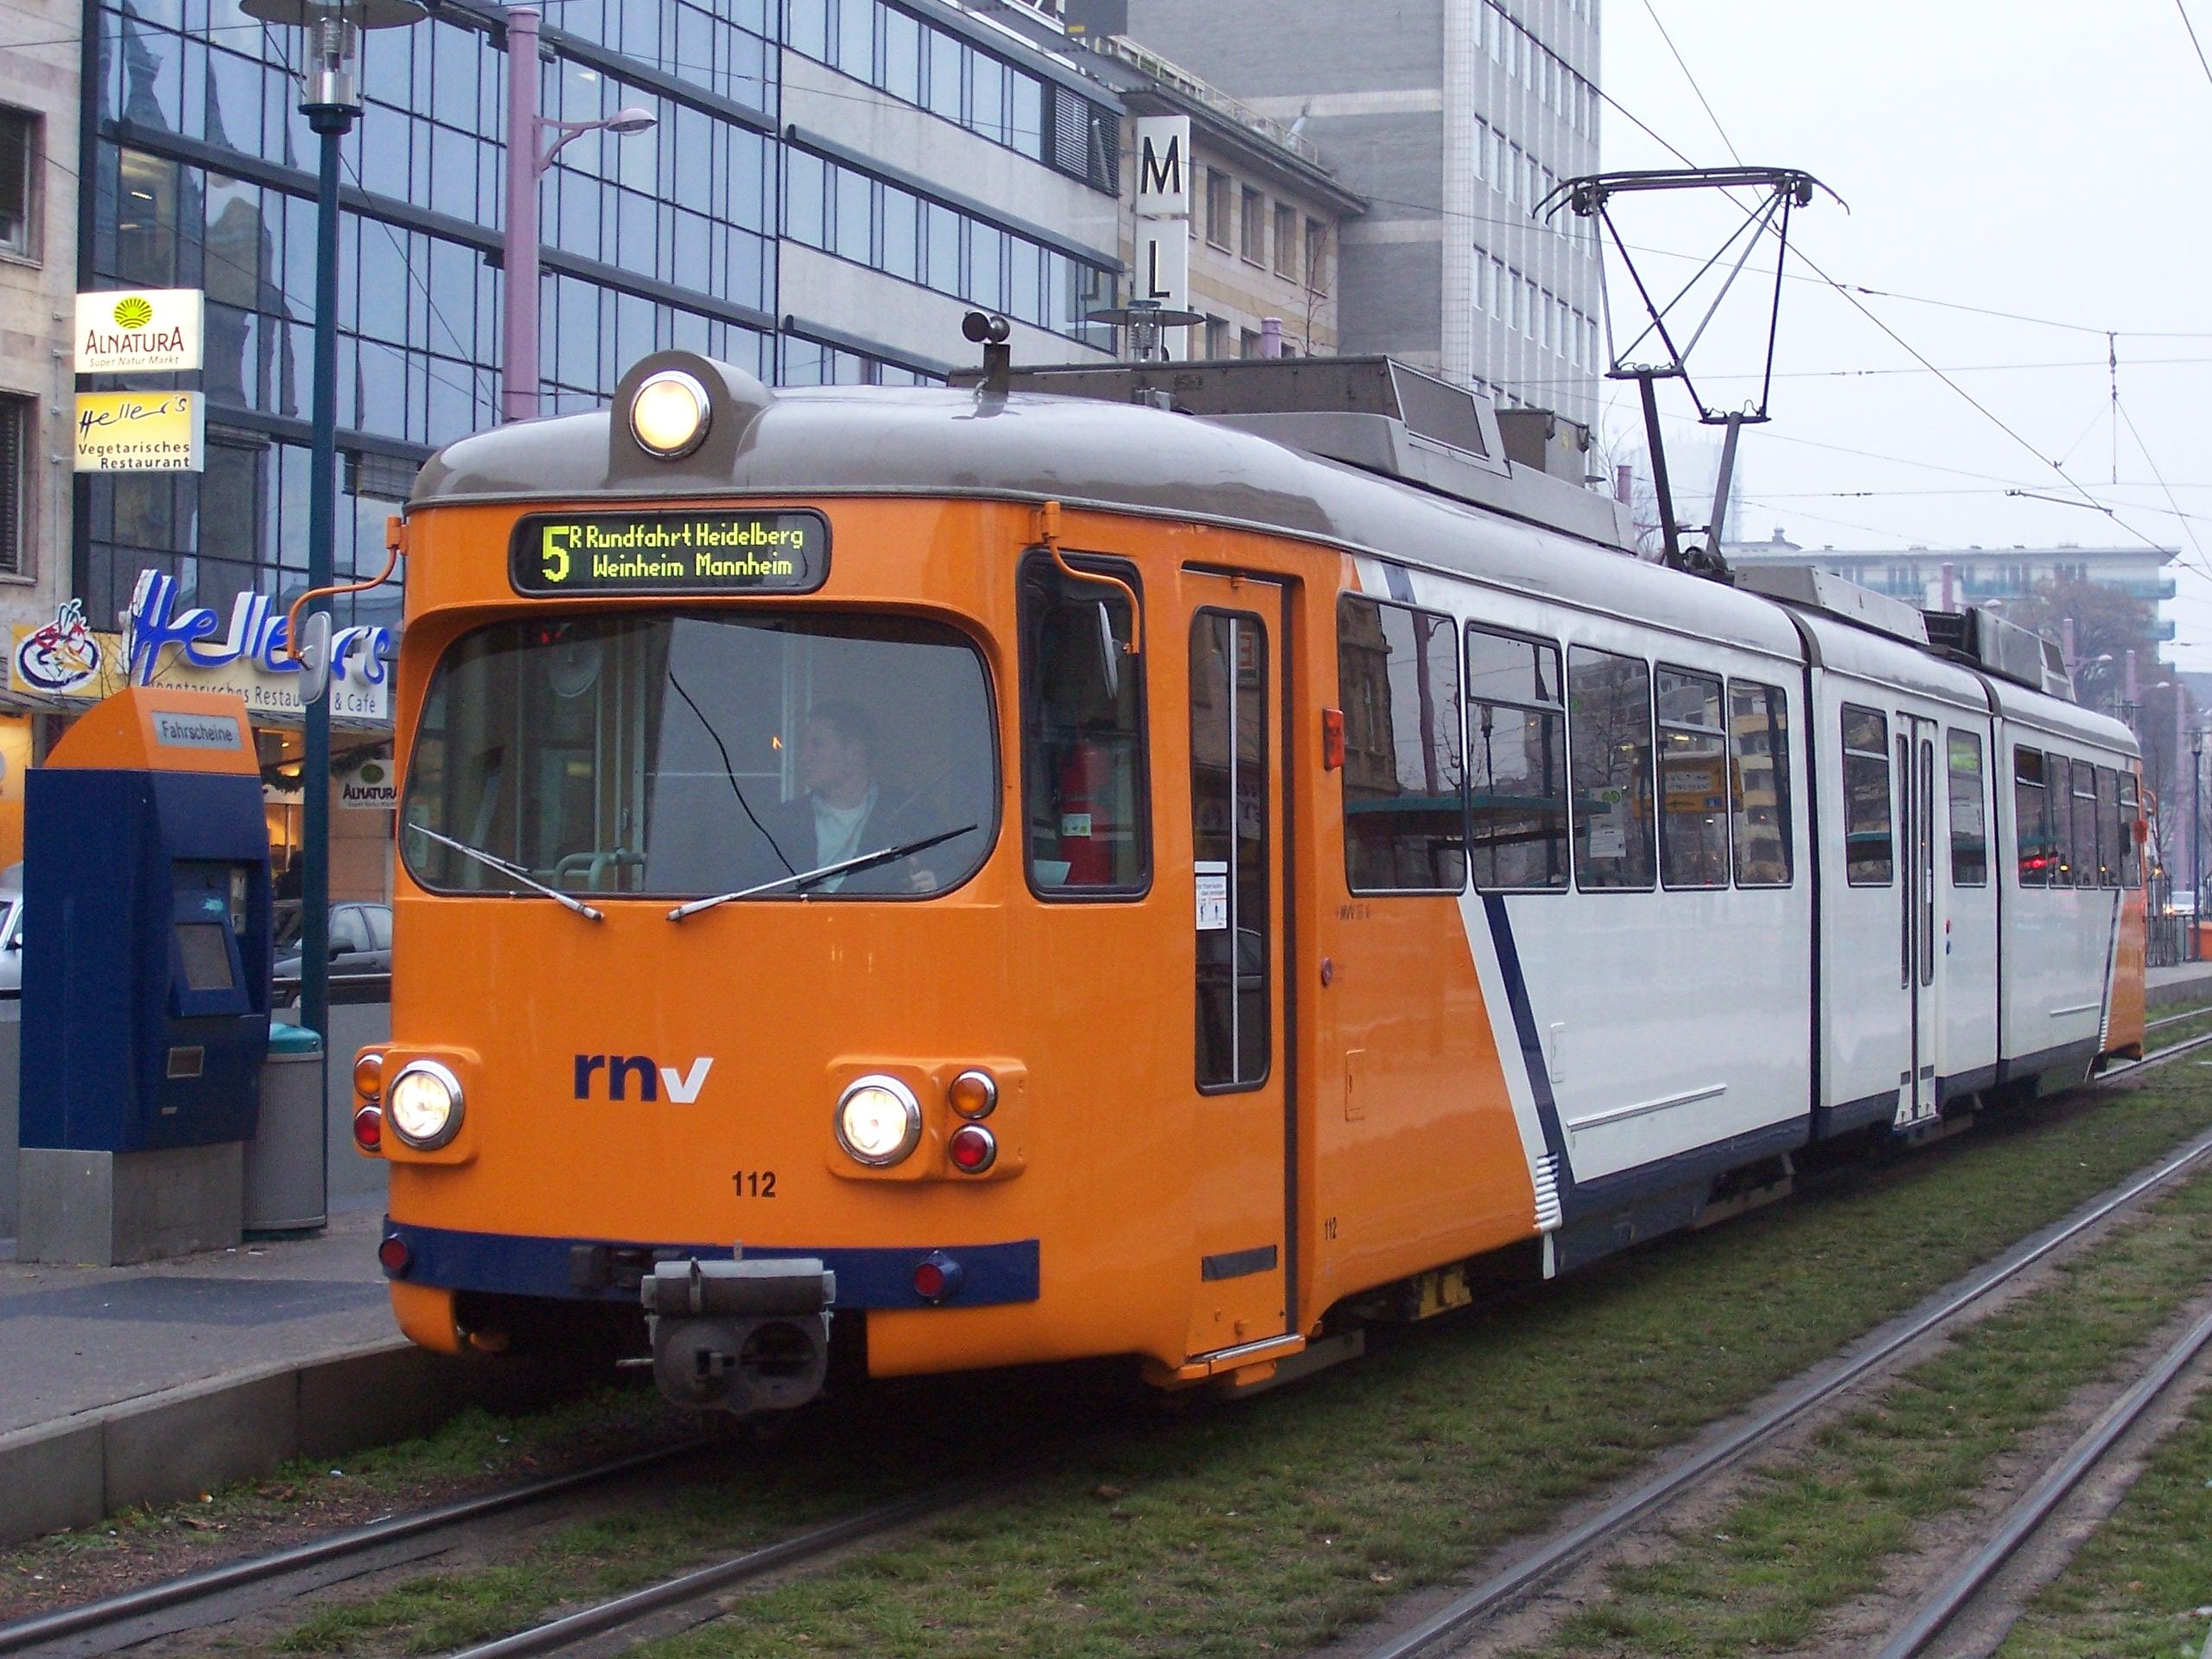 File:OEG Gt8 112 in Mannheim 100 3271.jpg